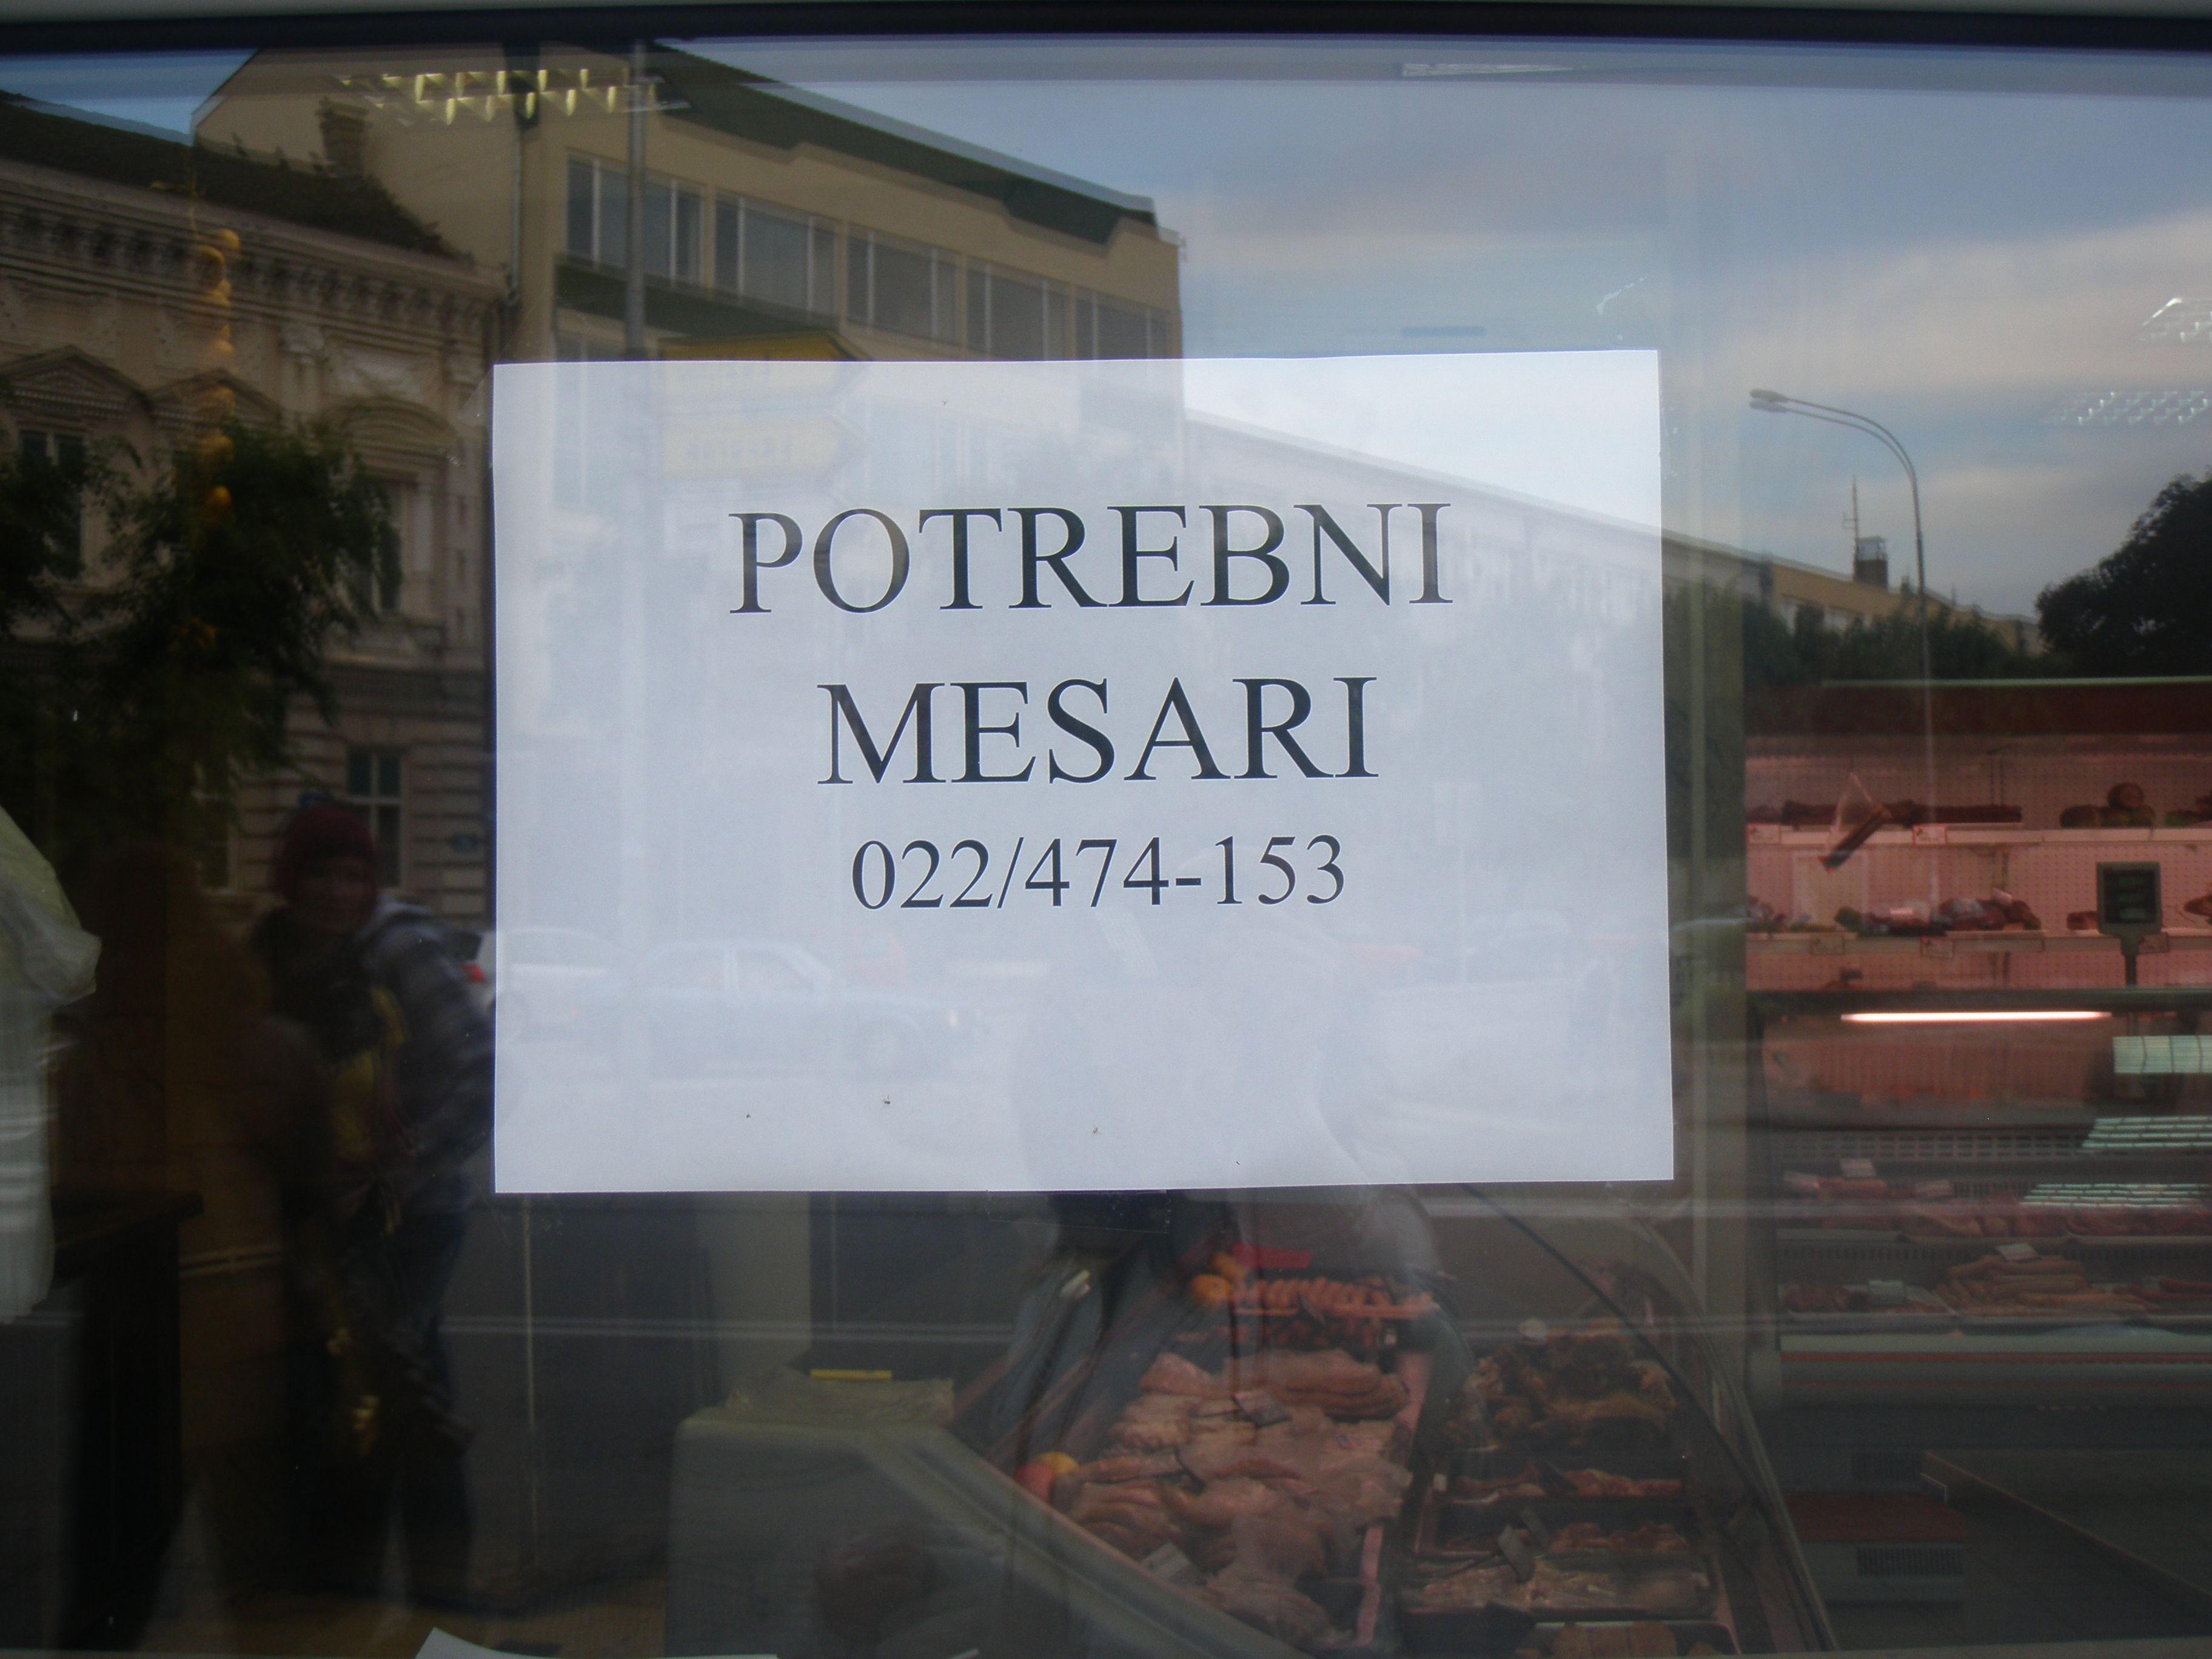 Potrebni mesari. Could translate as: horny butchers. (Srbija)